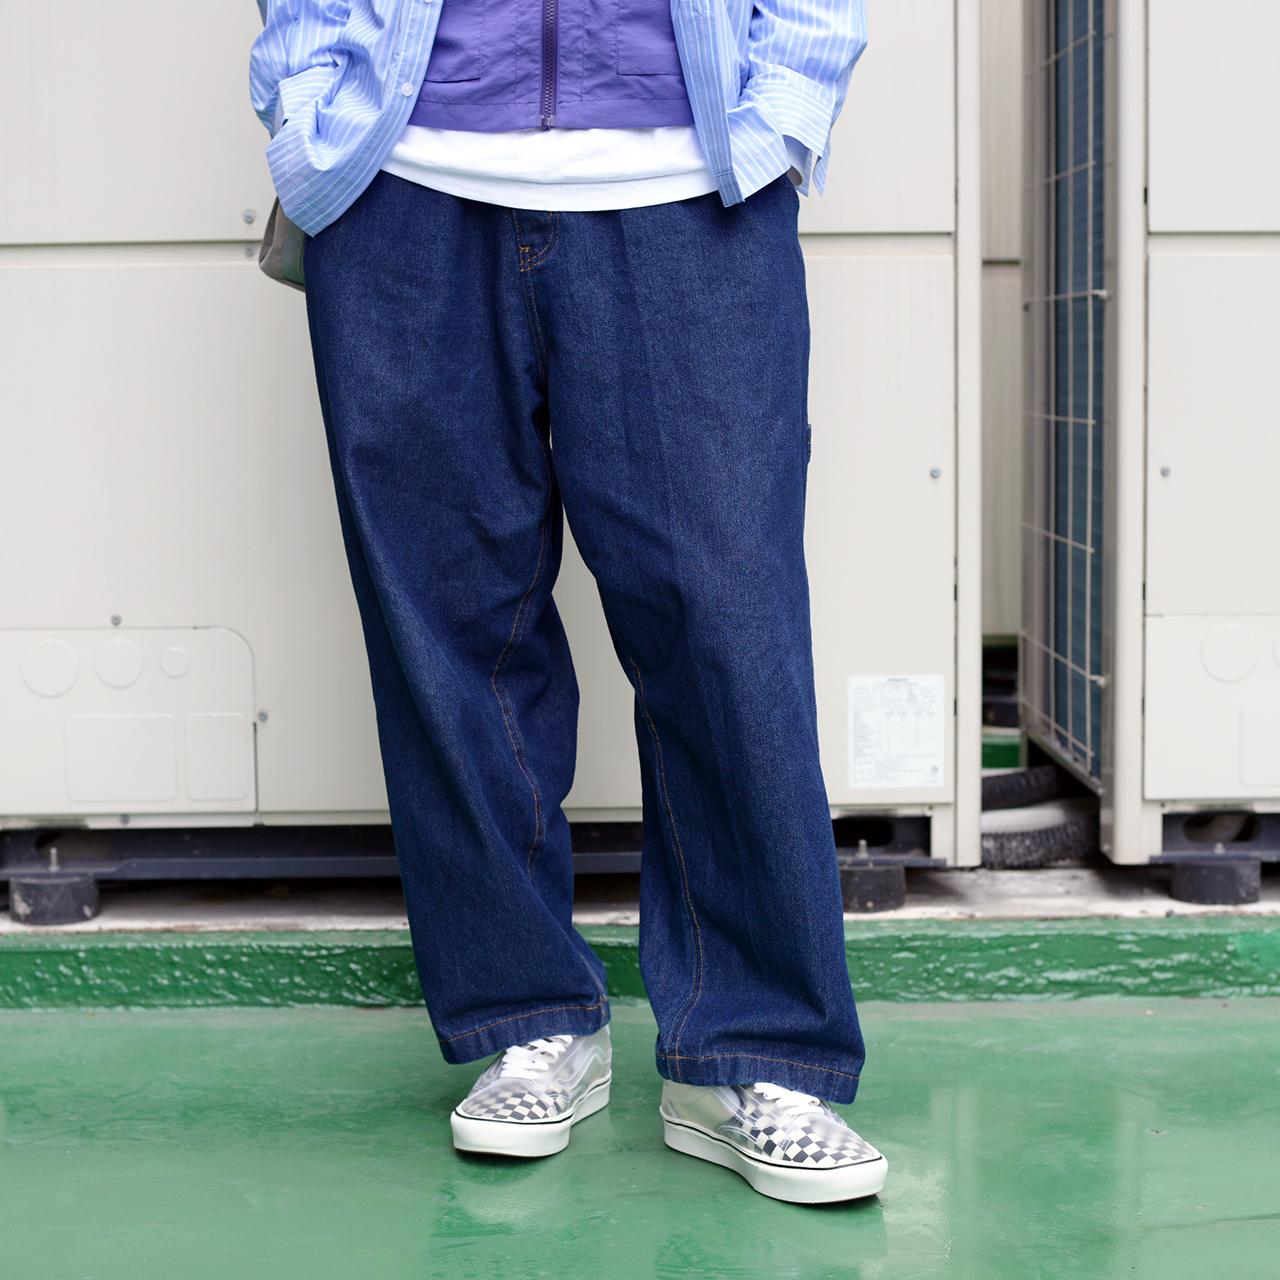 早春穿搭,冬季穿搭,男生穿搭,街頭,西裝,休閒搭配,akko,akko 褲,一週搭配,街頭搭配,搭配型人,街頭型人,皮鞋,成套,AKKO褲,微寬褲,COP3563,1616 easy 長褲